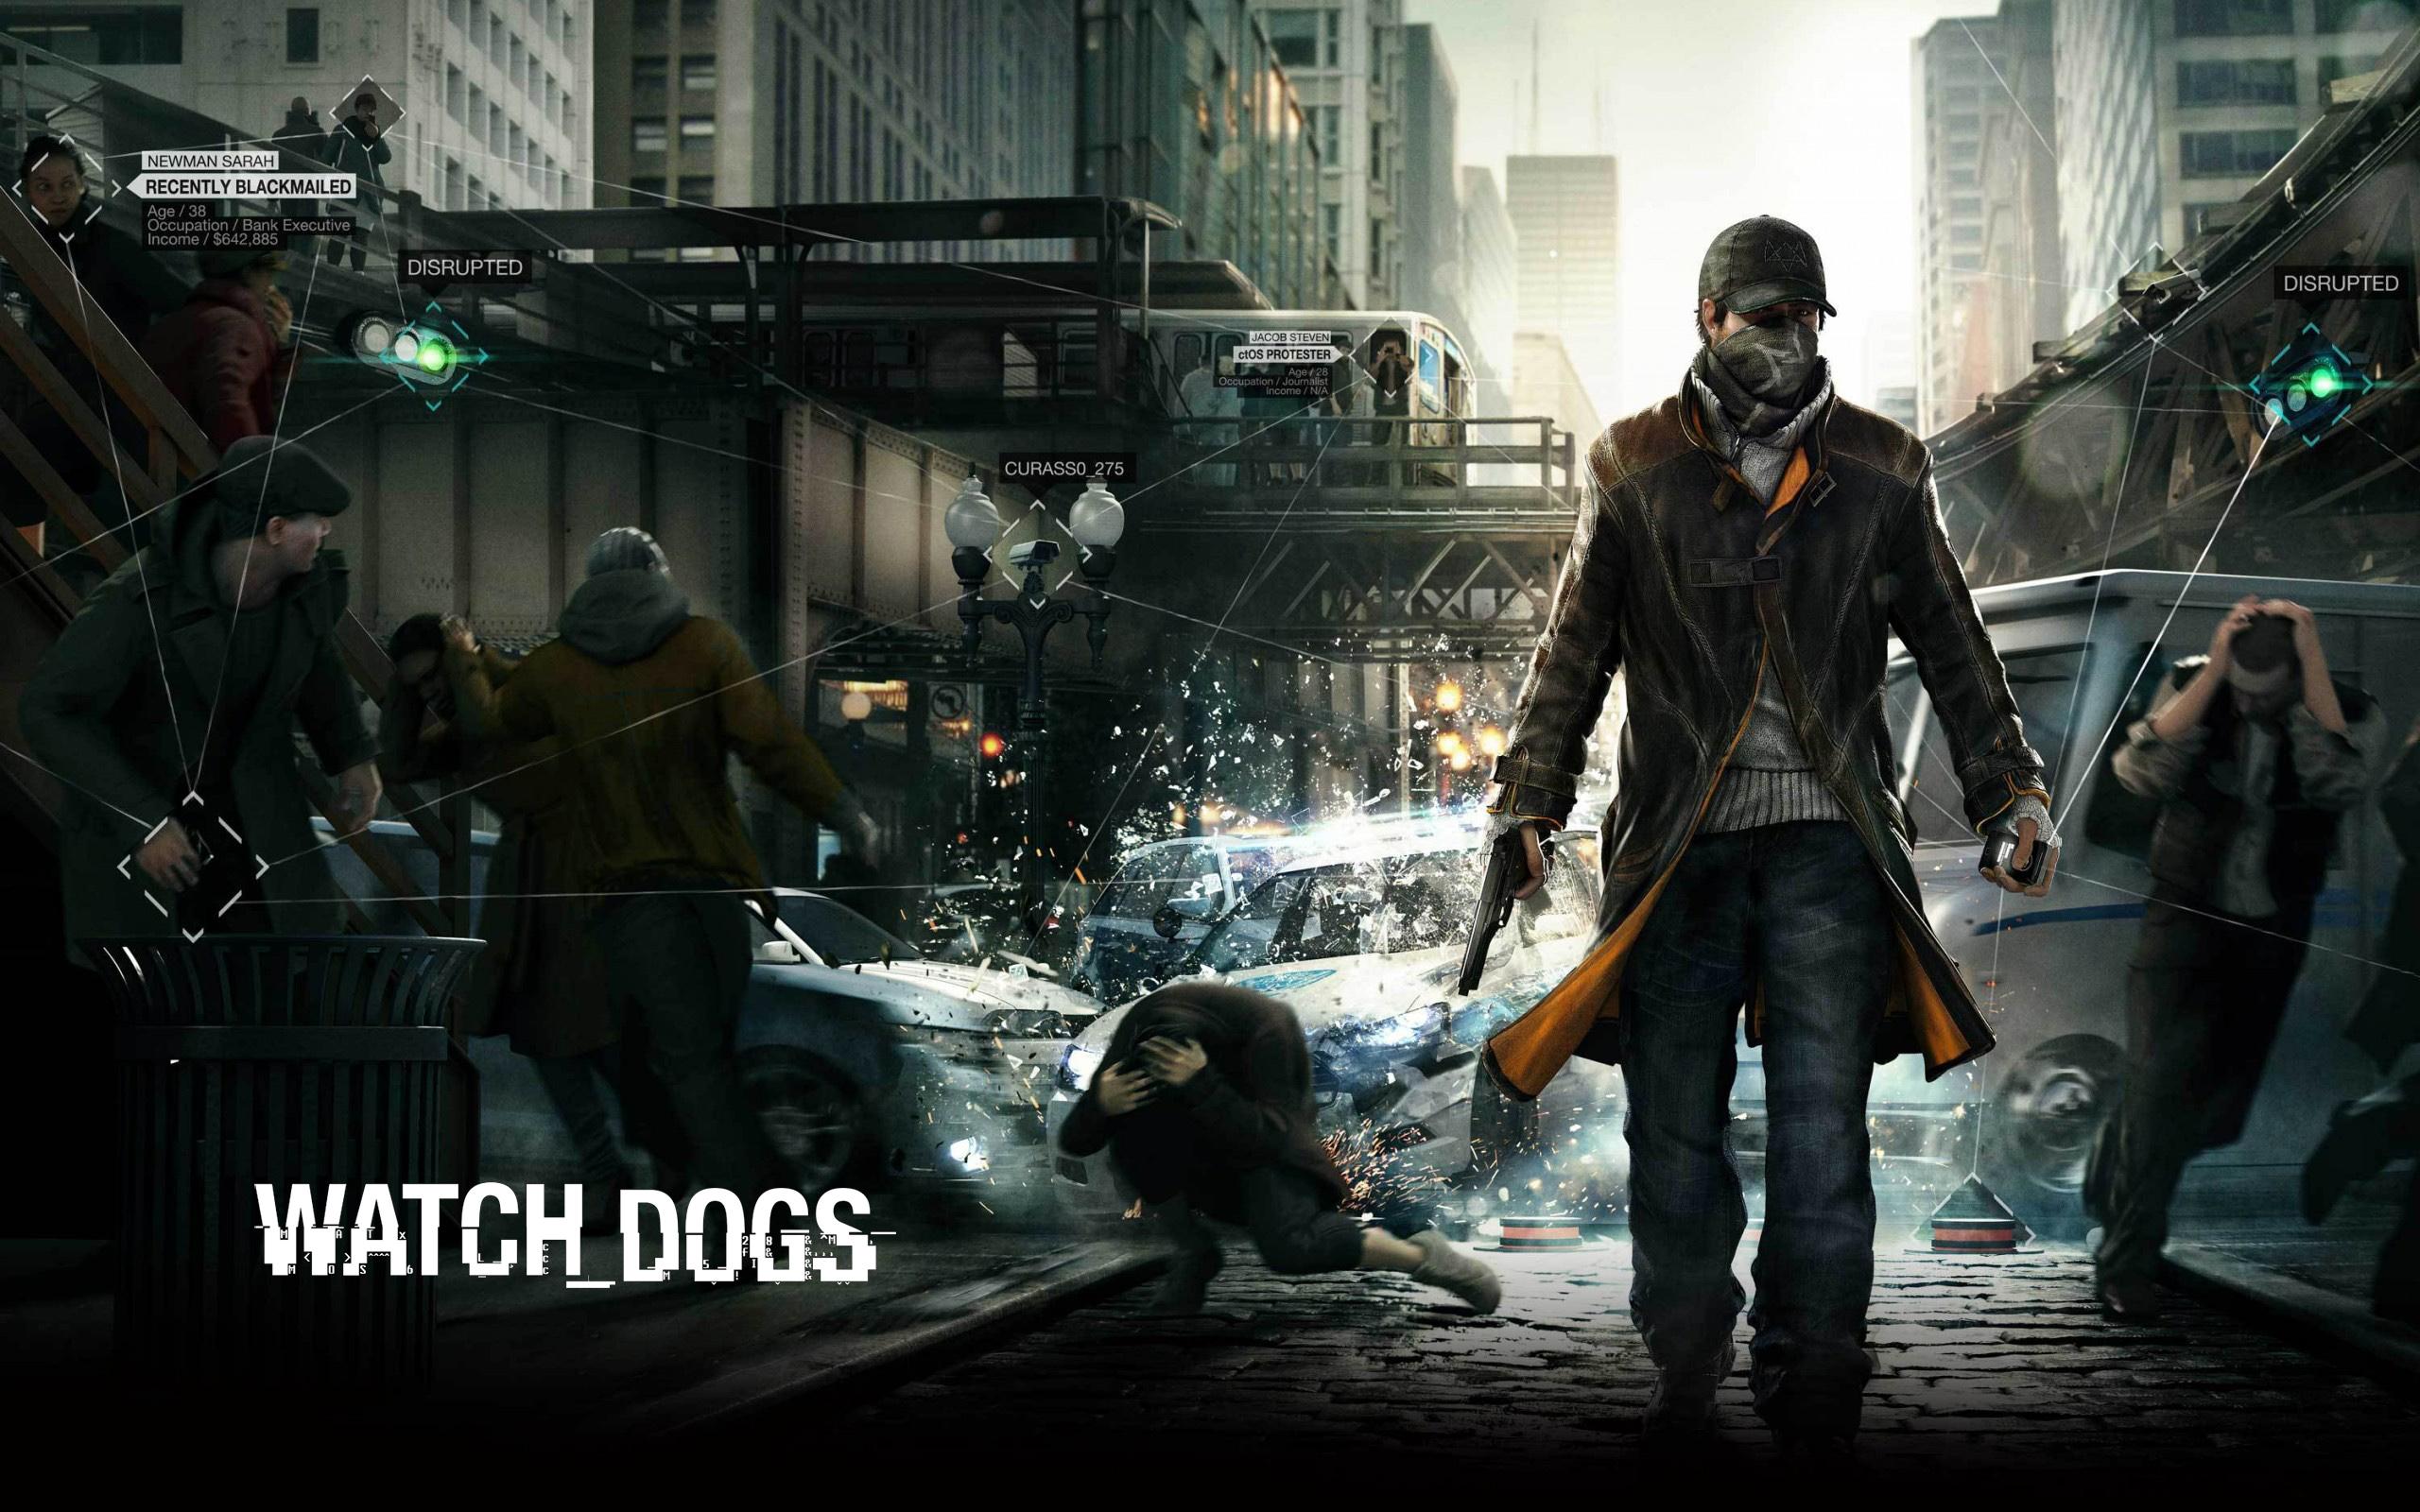 Watch Dogs обои для рабочего стола, картинки и фото - RabStol.net